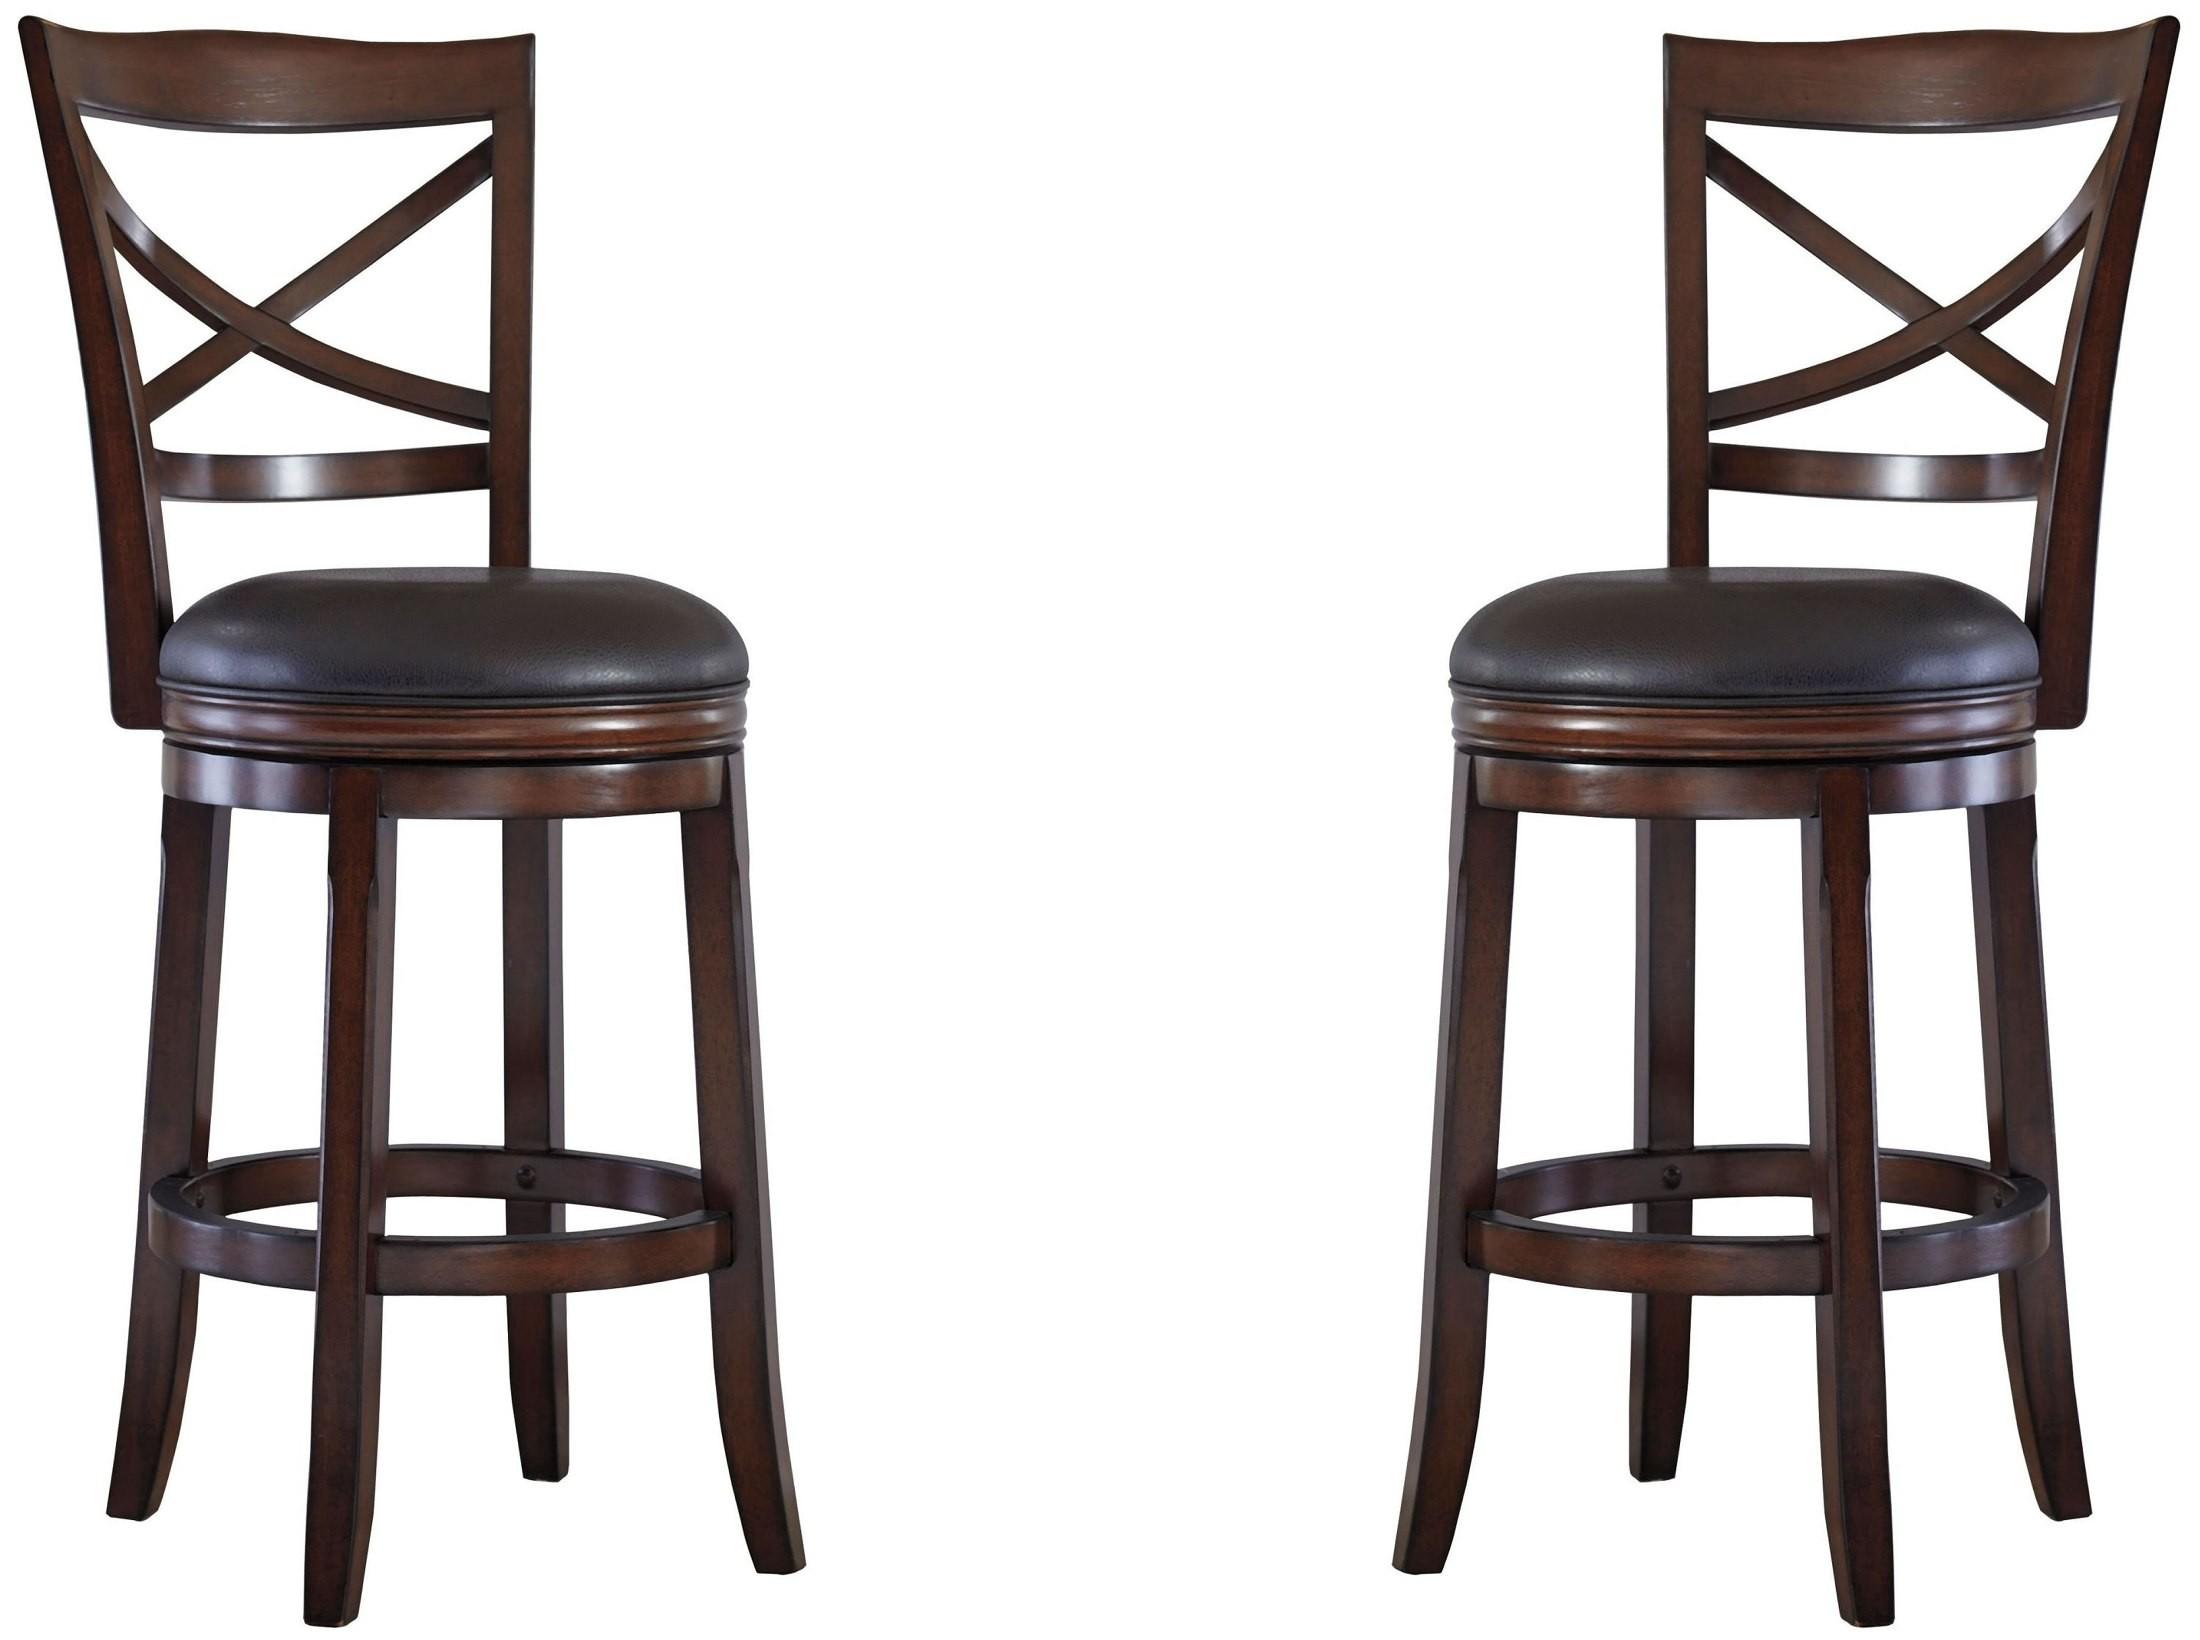 Porter Rustic Brown Tall Upholstered Swivel Barstool Set